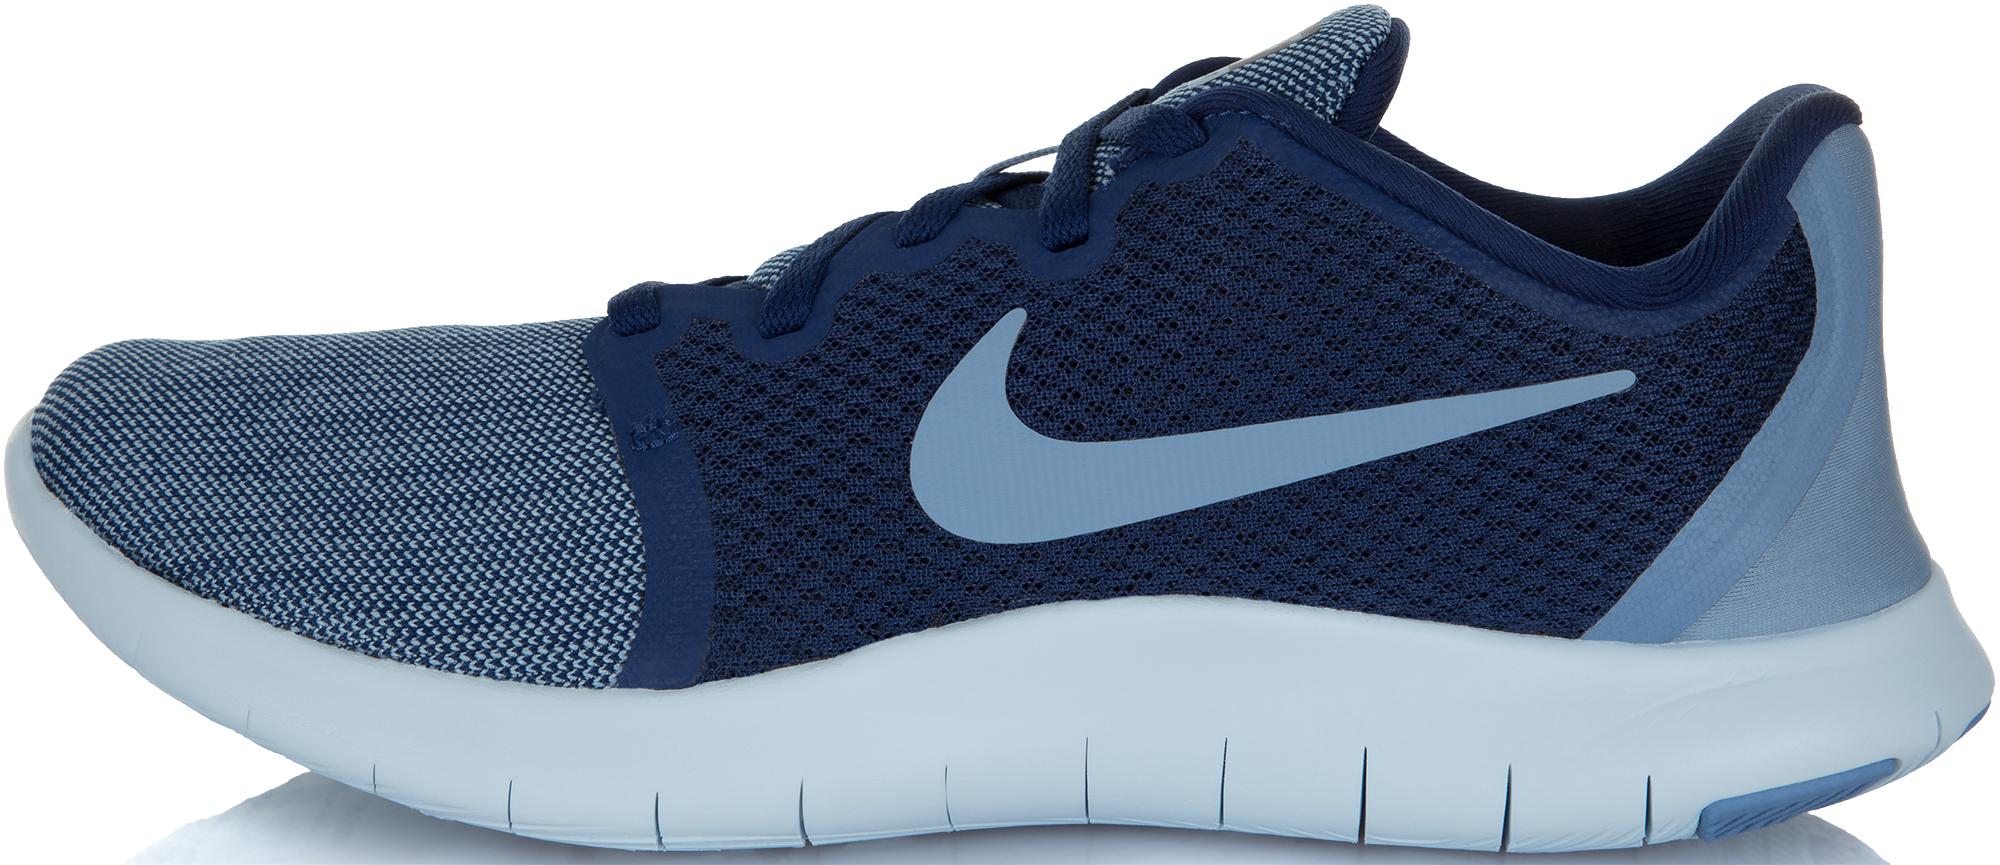 цена Nike Кроссовки женские Nike Flex Contact 2, размер 37,5 онлайн в 2017 году